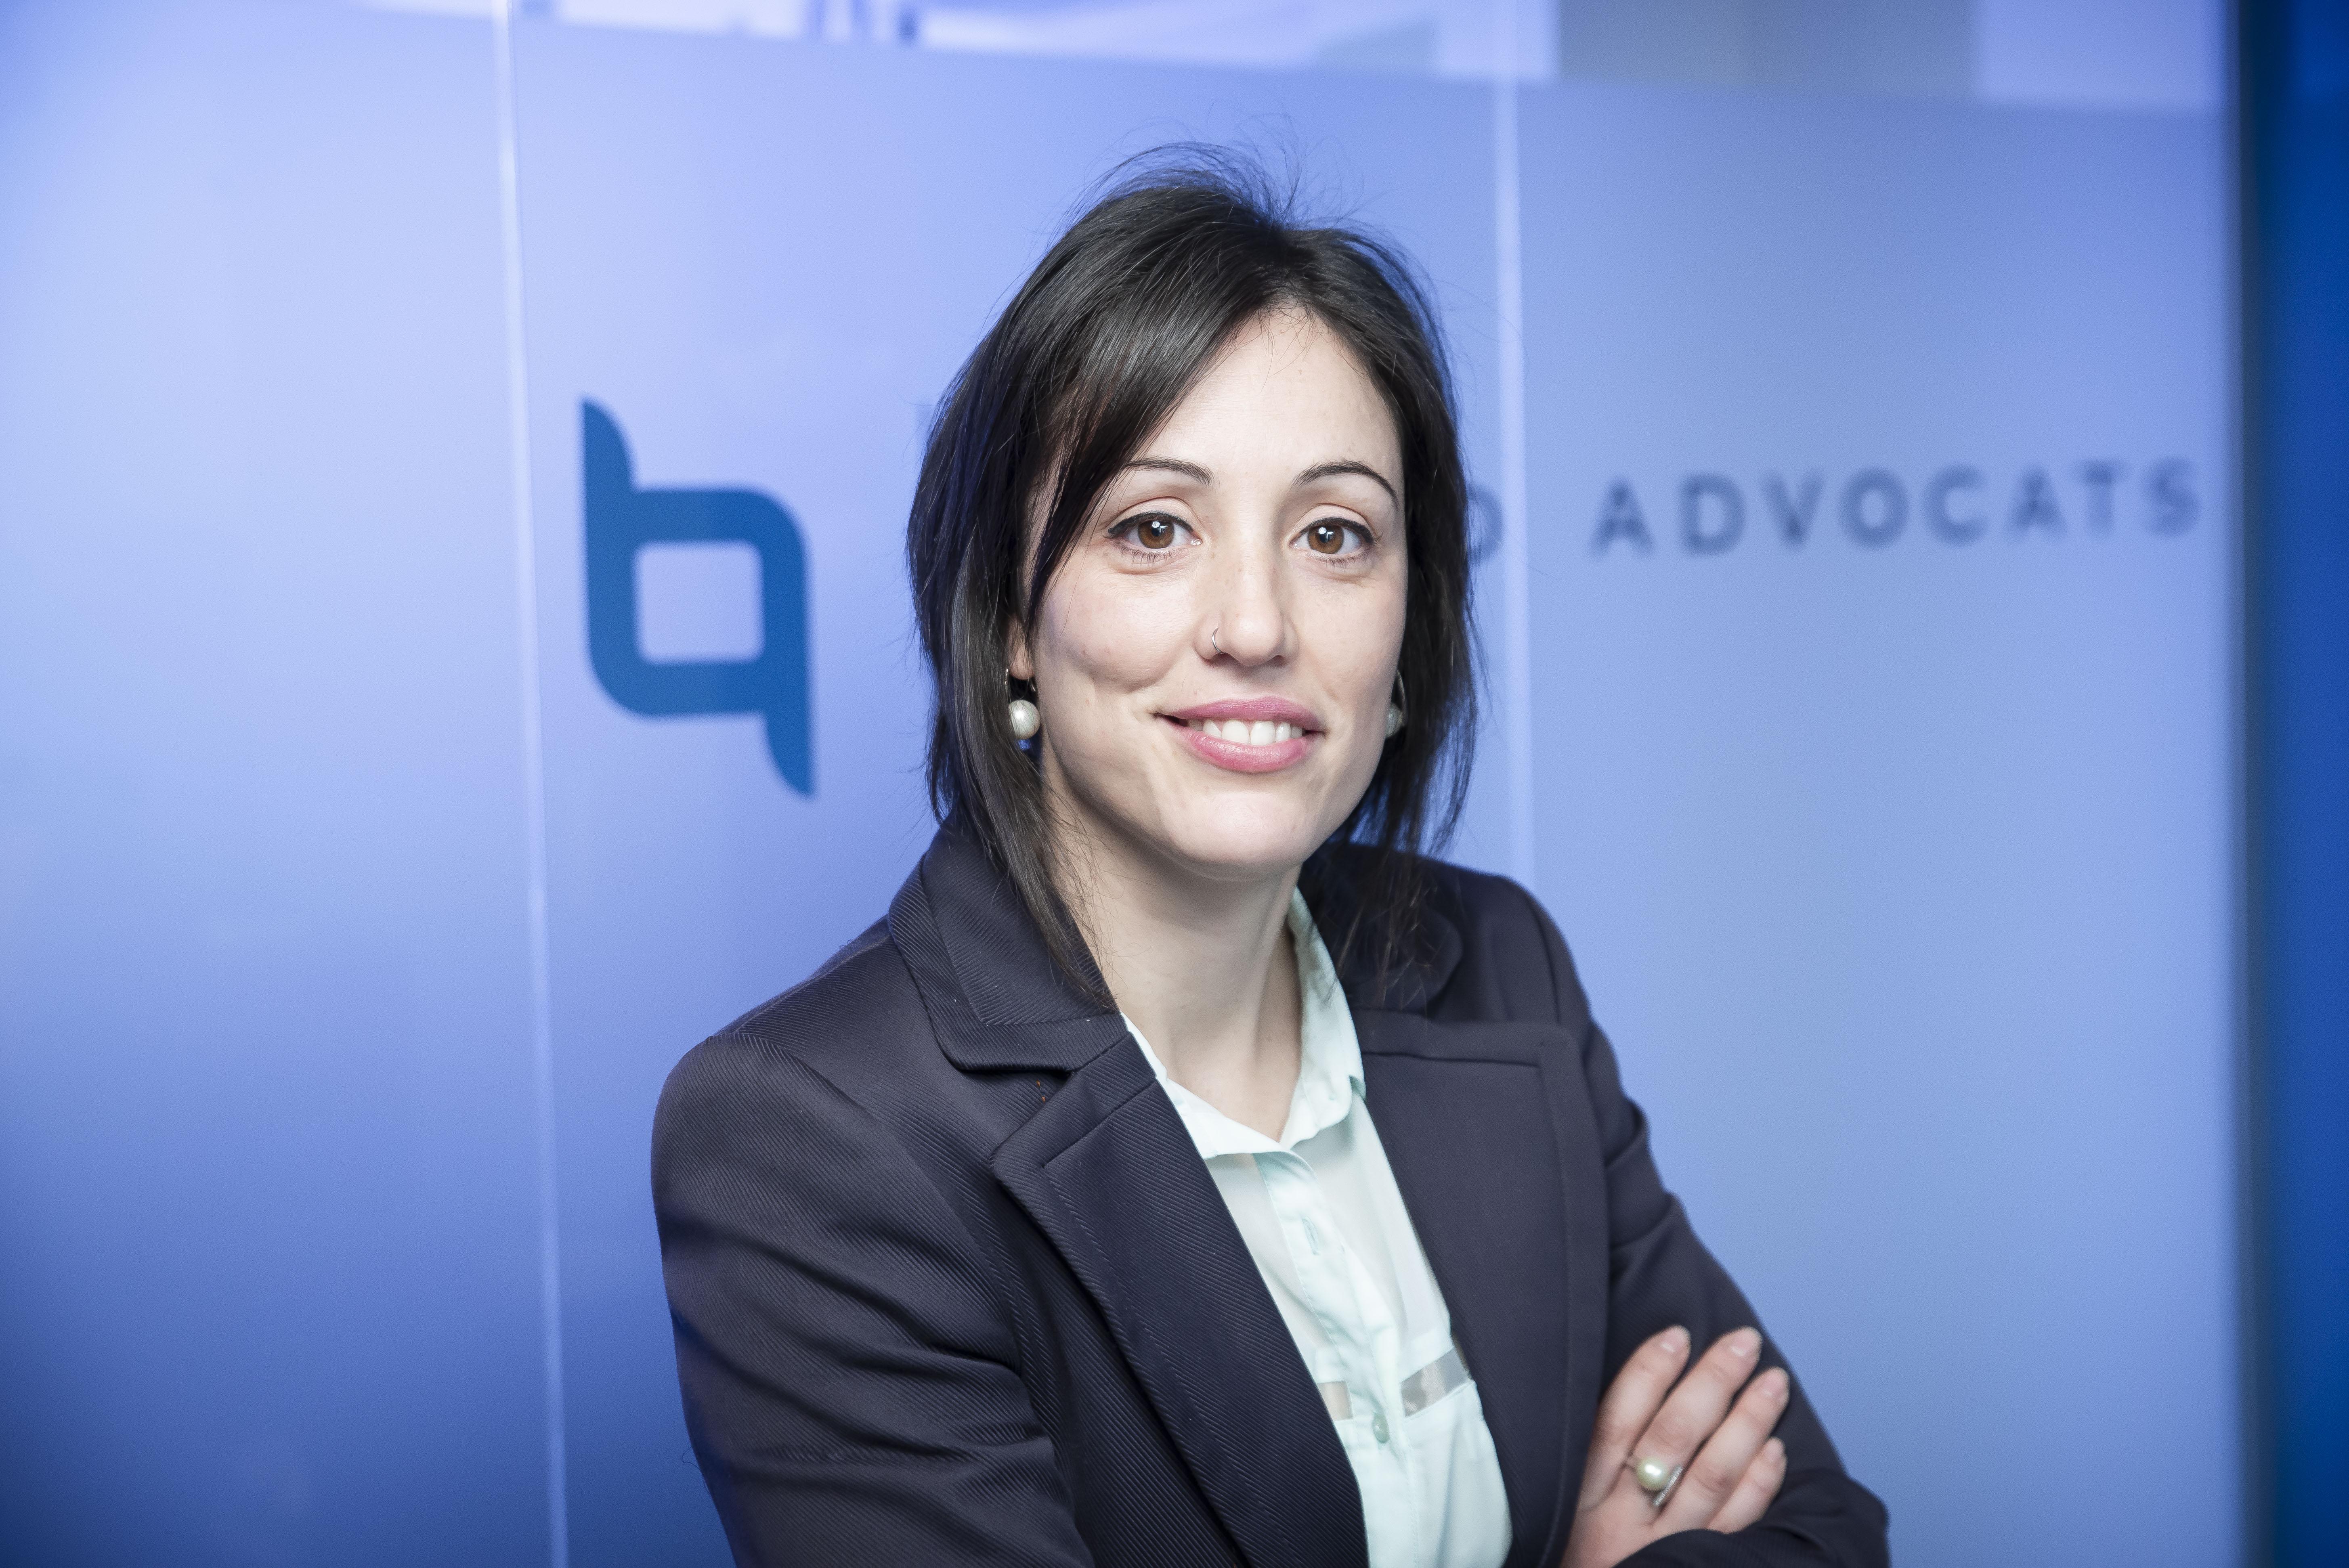 Susana Aparicio Abella